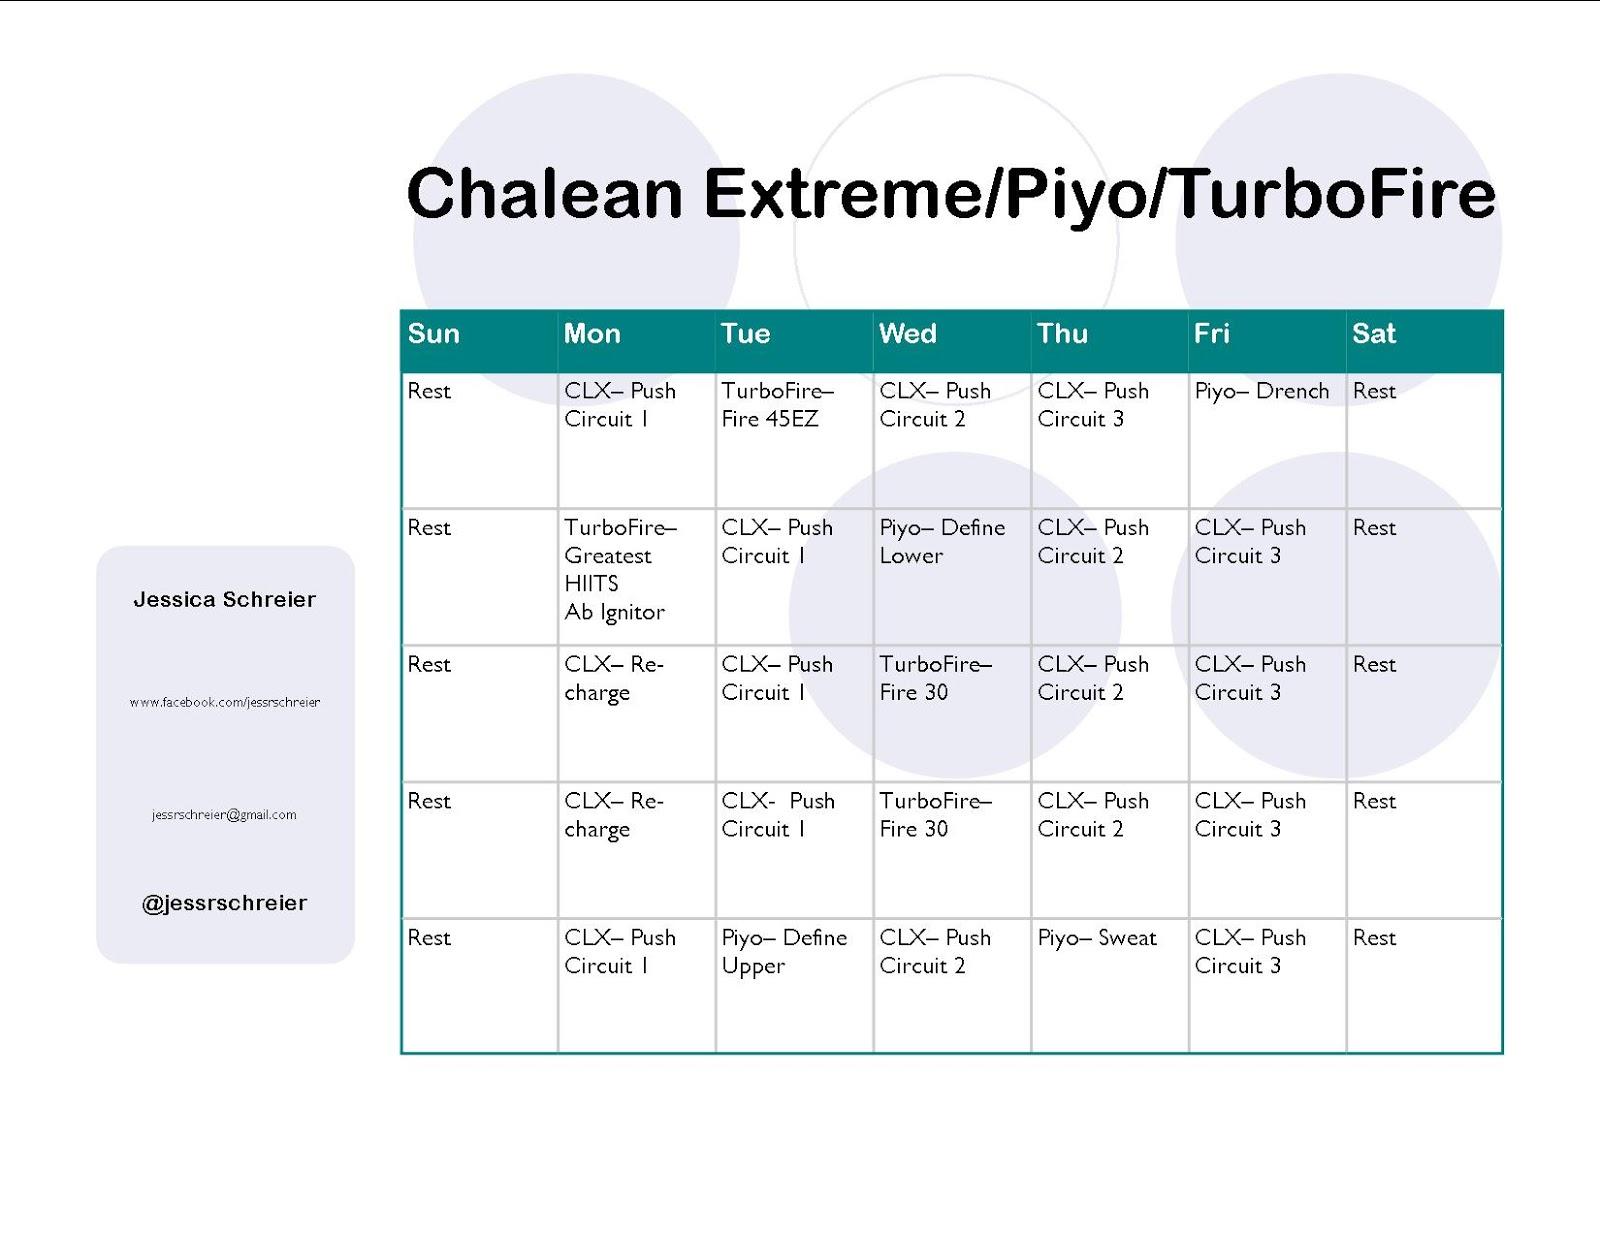 Jessica Schreier Chalean Extreme Turbofire Piyo Hybrid Schedule